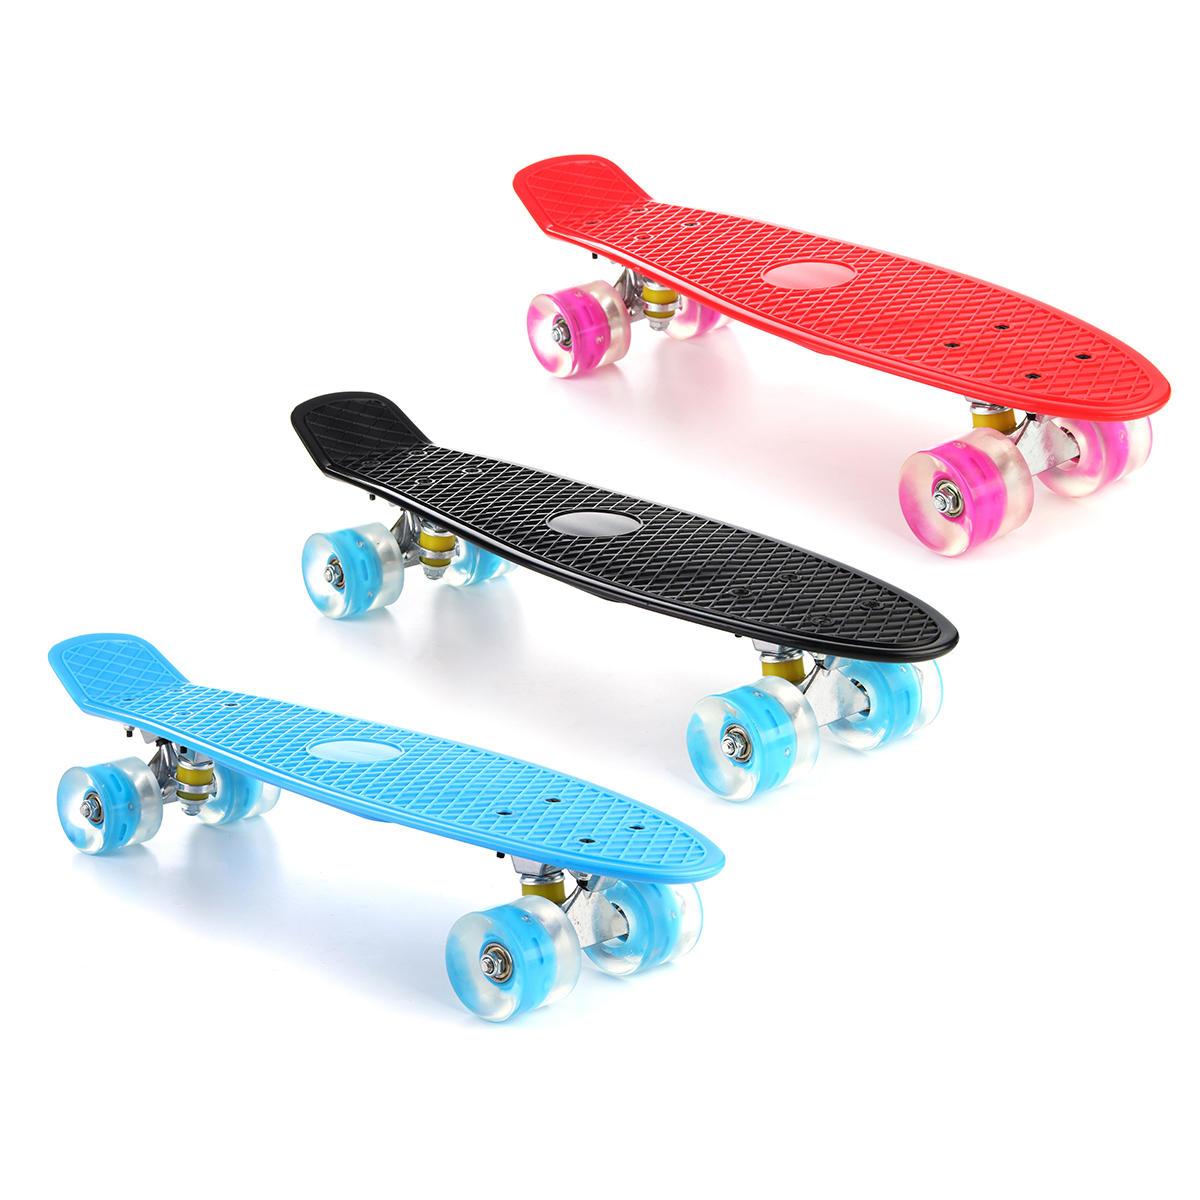 22インチLEDライトフィッシュスケートボード4 PUホイールシングルウォーピングボードティーンエイジャーキッズスケートボード